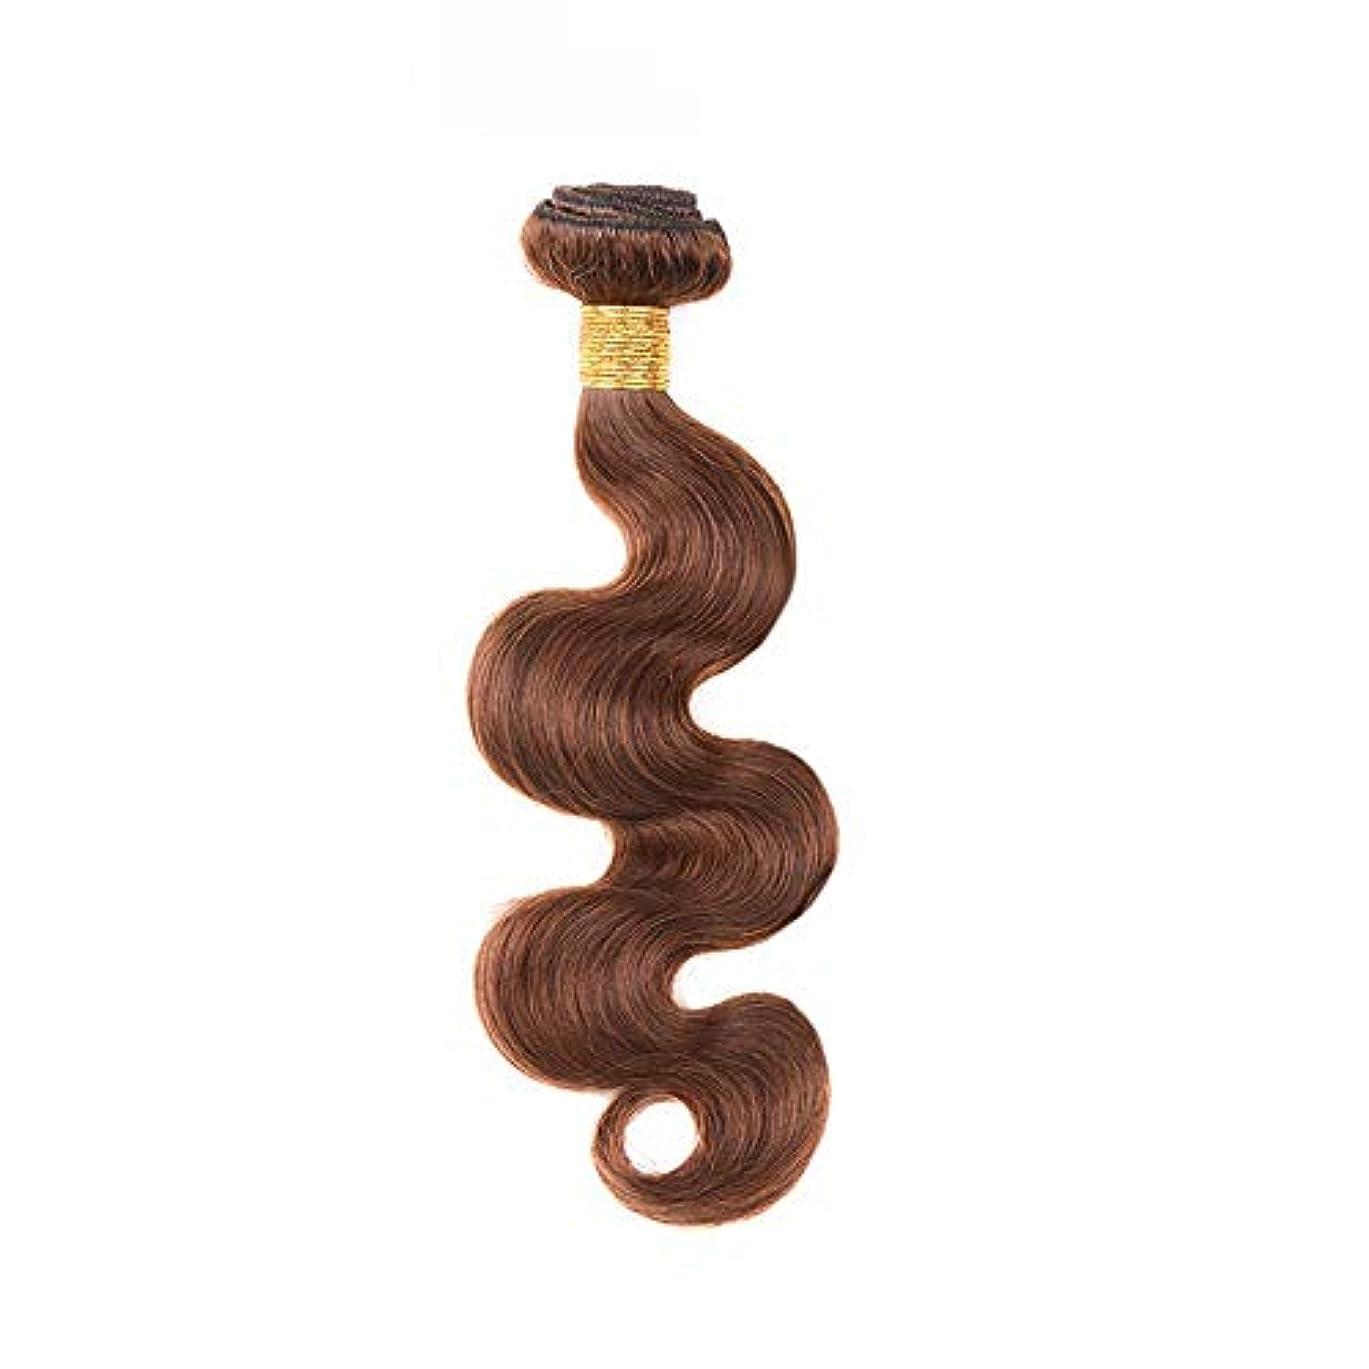 磁石ご注意インタビューHOHYLLYA 茶色の人間の髪織りバンドルリアルレミーナチュラルヘアエクステンション横糸 - 実体波 - 4#ブラウン(1バンドル、10インチ-24インチ、100g)合成髪レースかつらロールプレイングウィッグロング&ショート女性自然 (色 : ブラウン, サイズ : 12 inch)